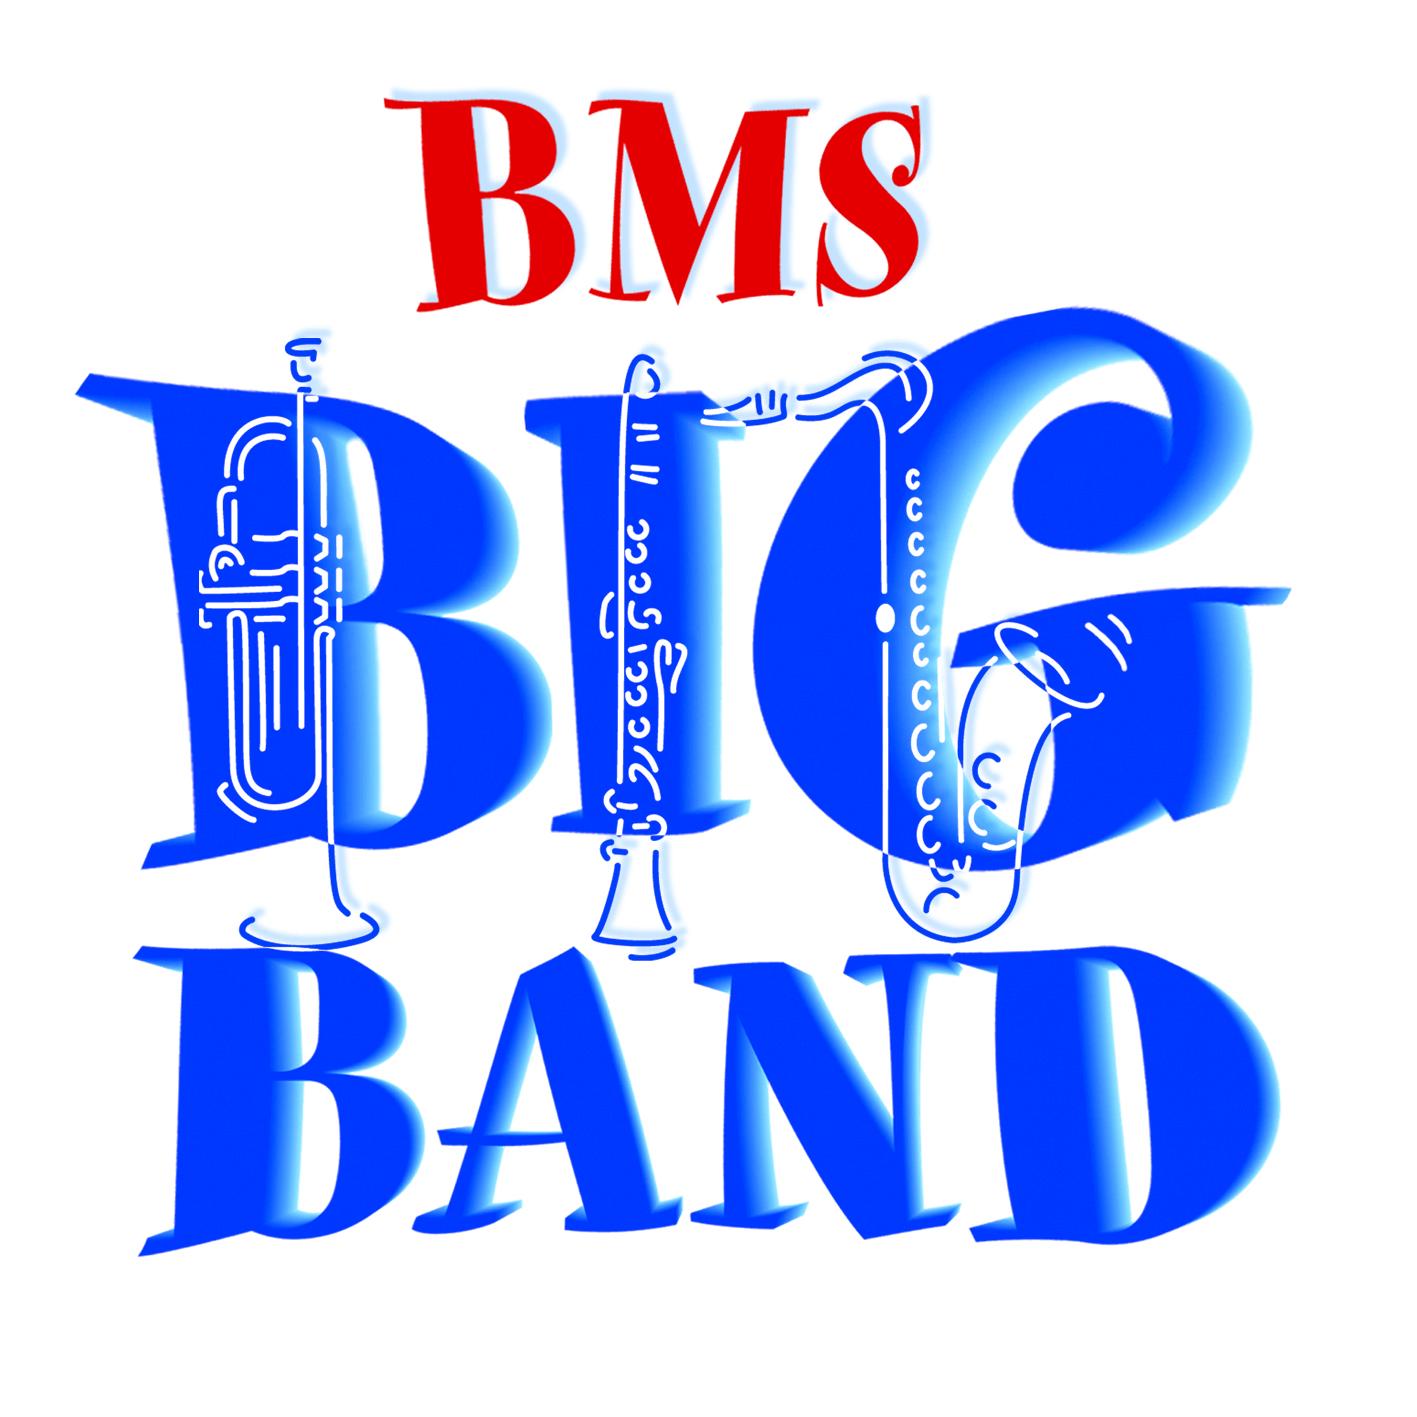 Musikerposten in der Big Band zu besetzen